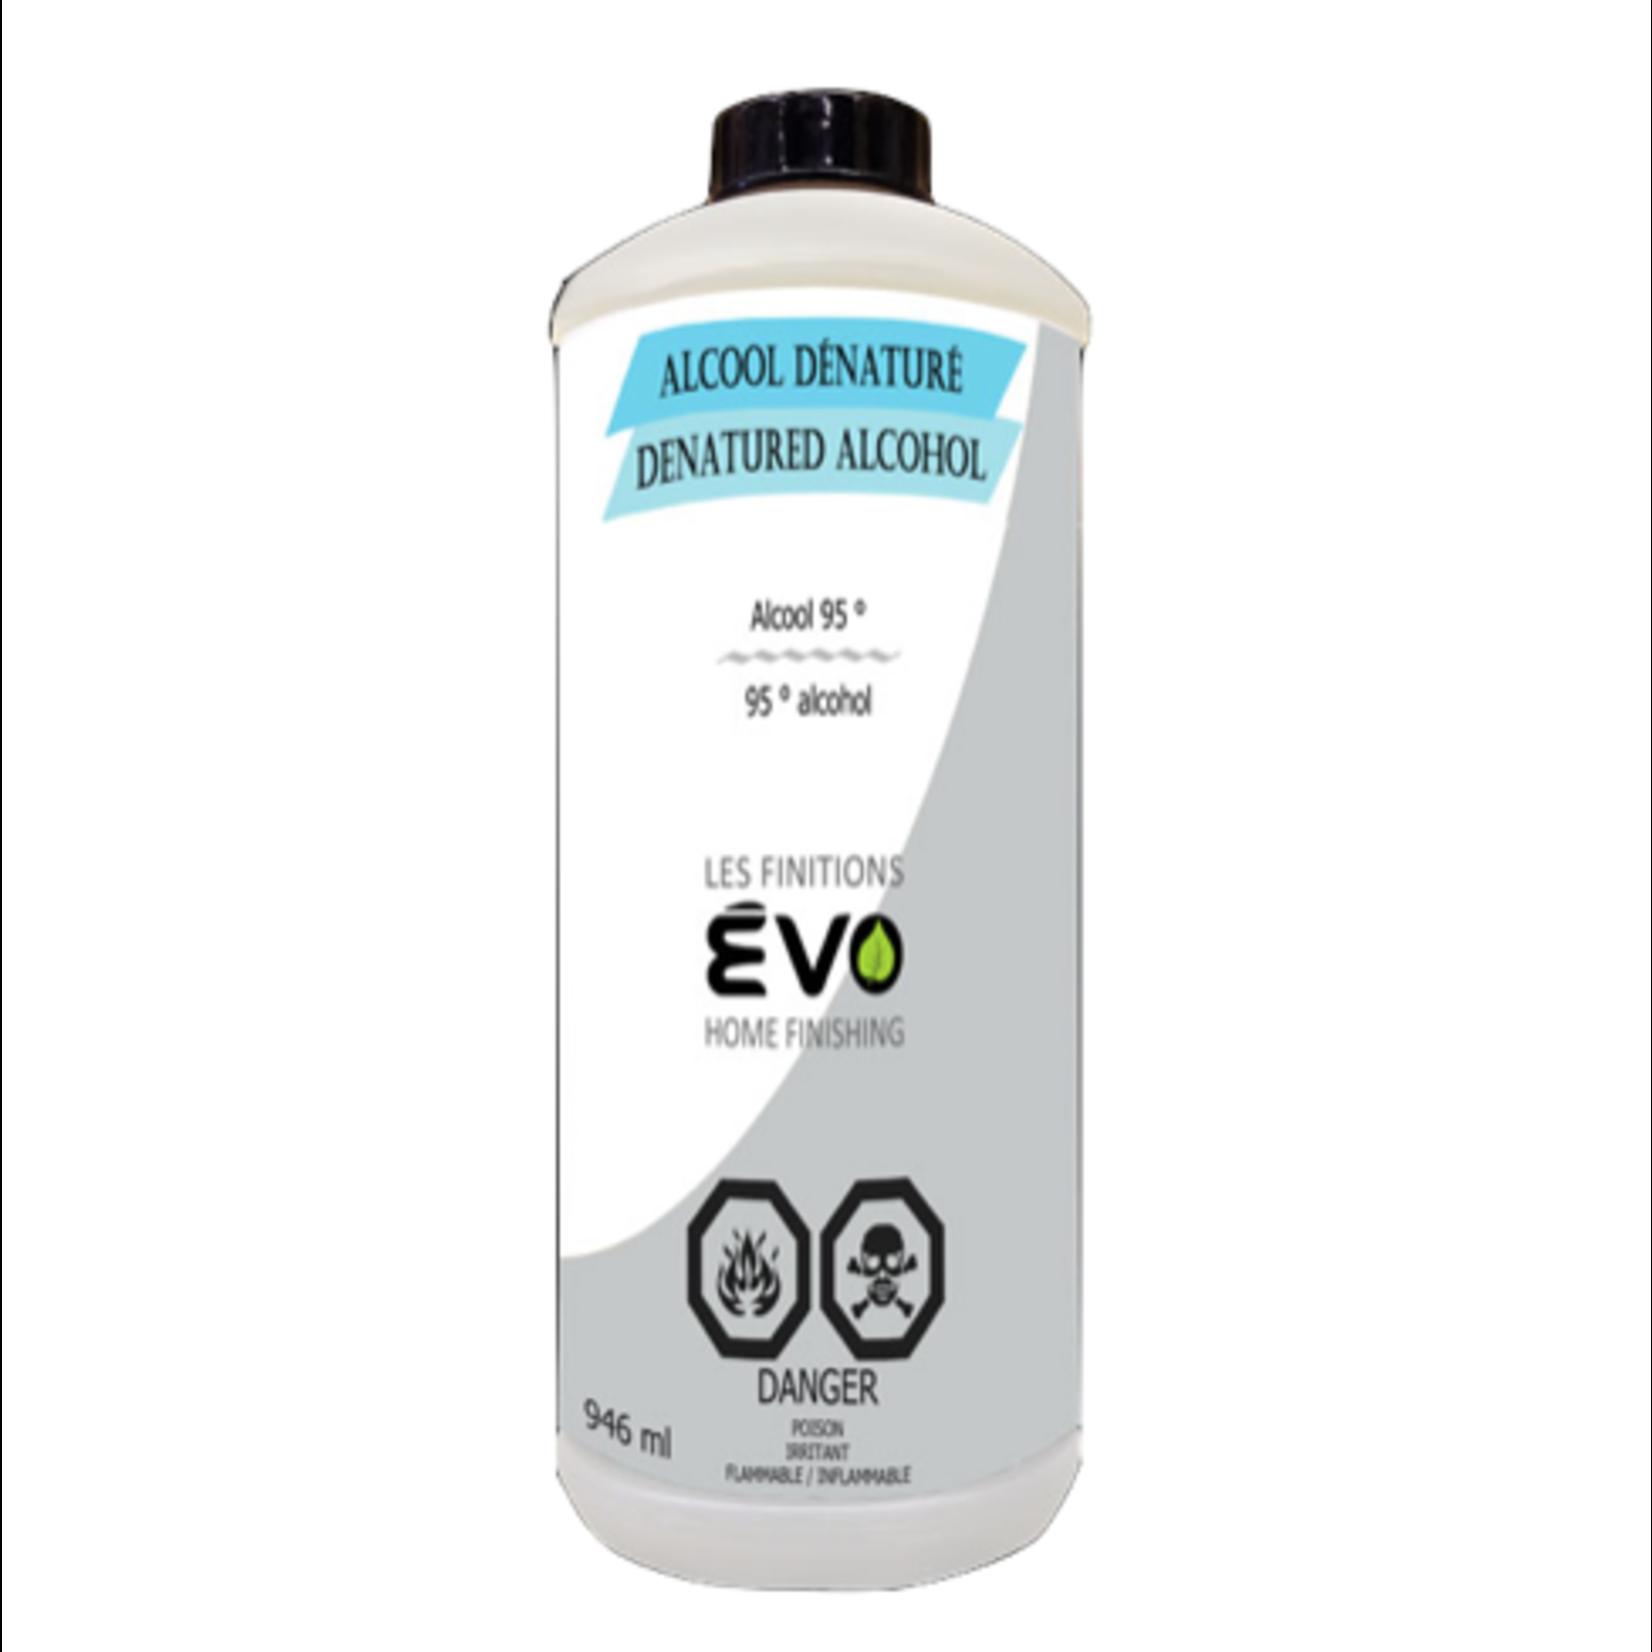 EVO Alcool dénaturé